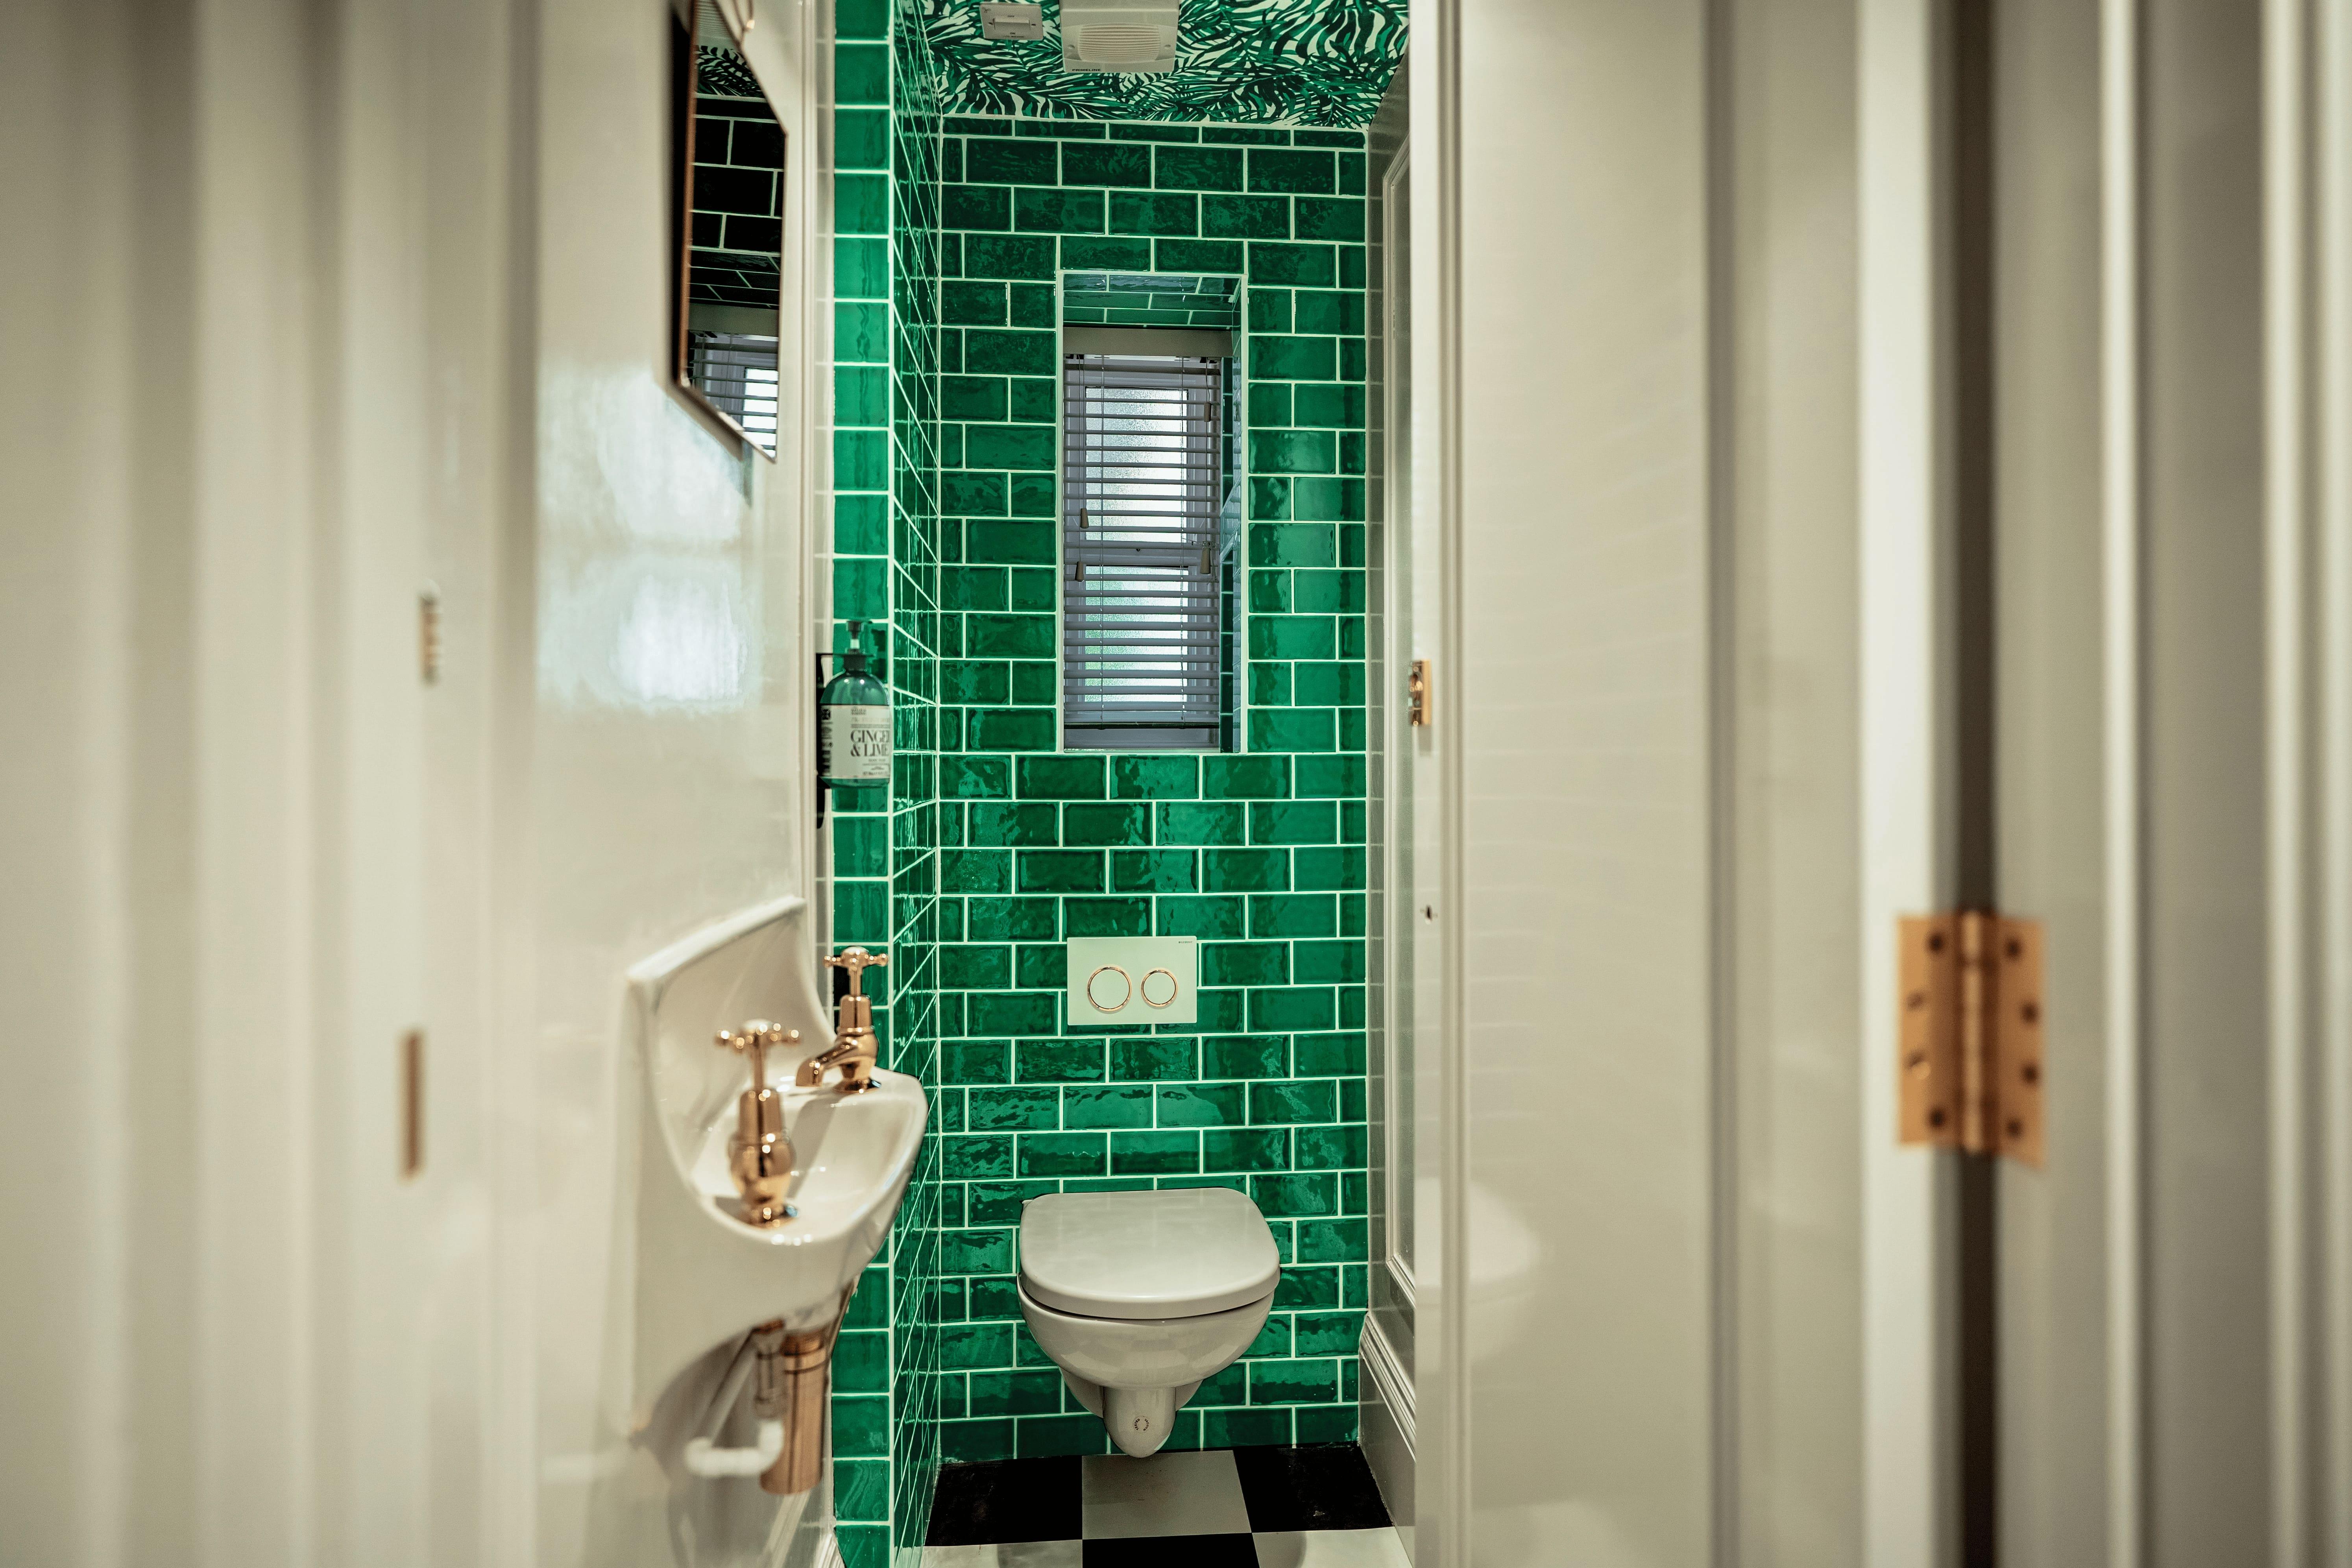 HogeNood Image Stylized Toilet